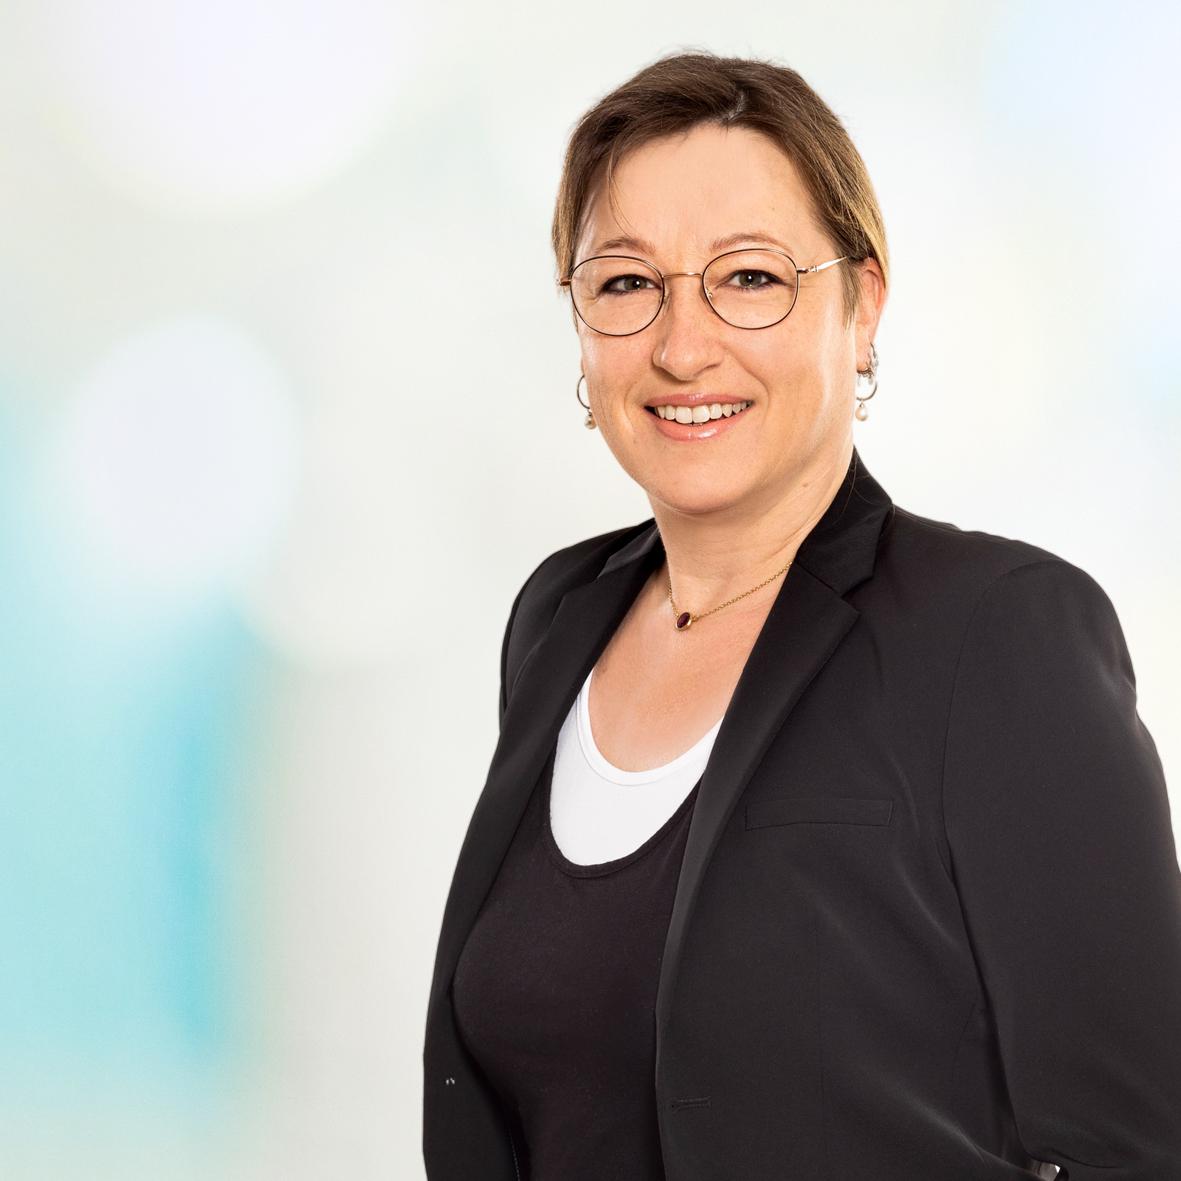 Nadja Conring